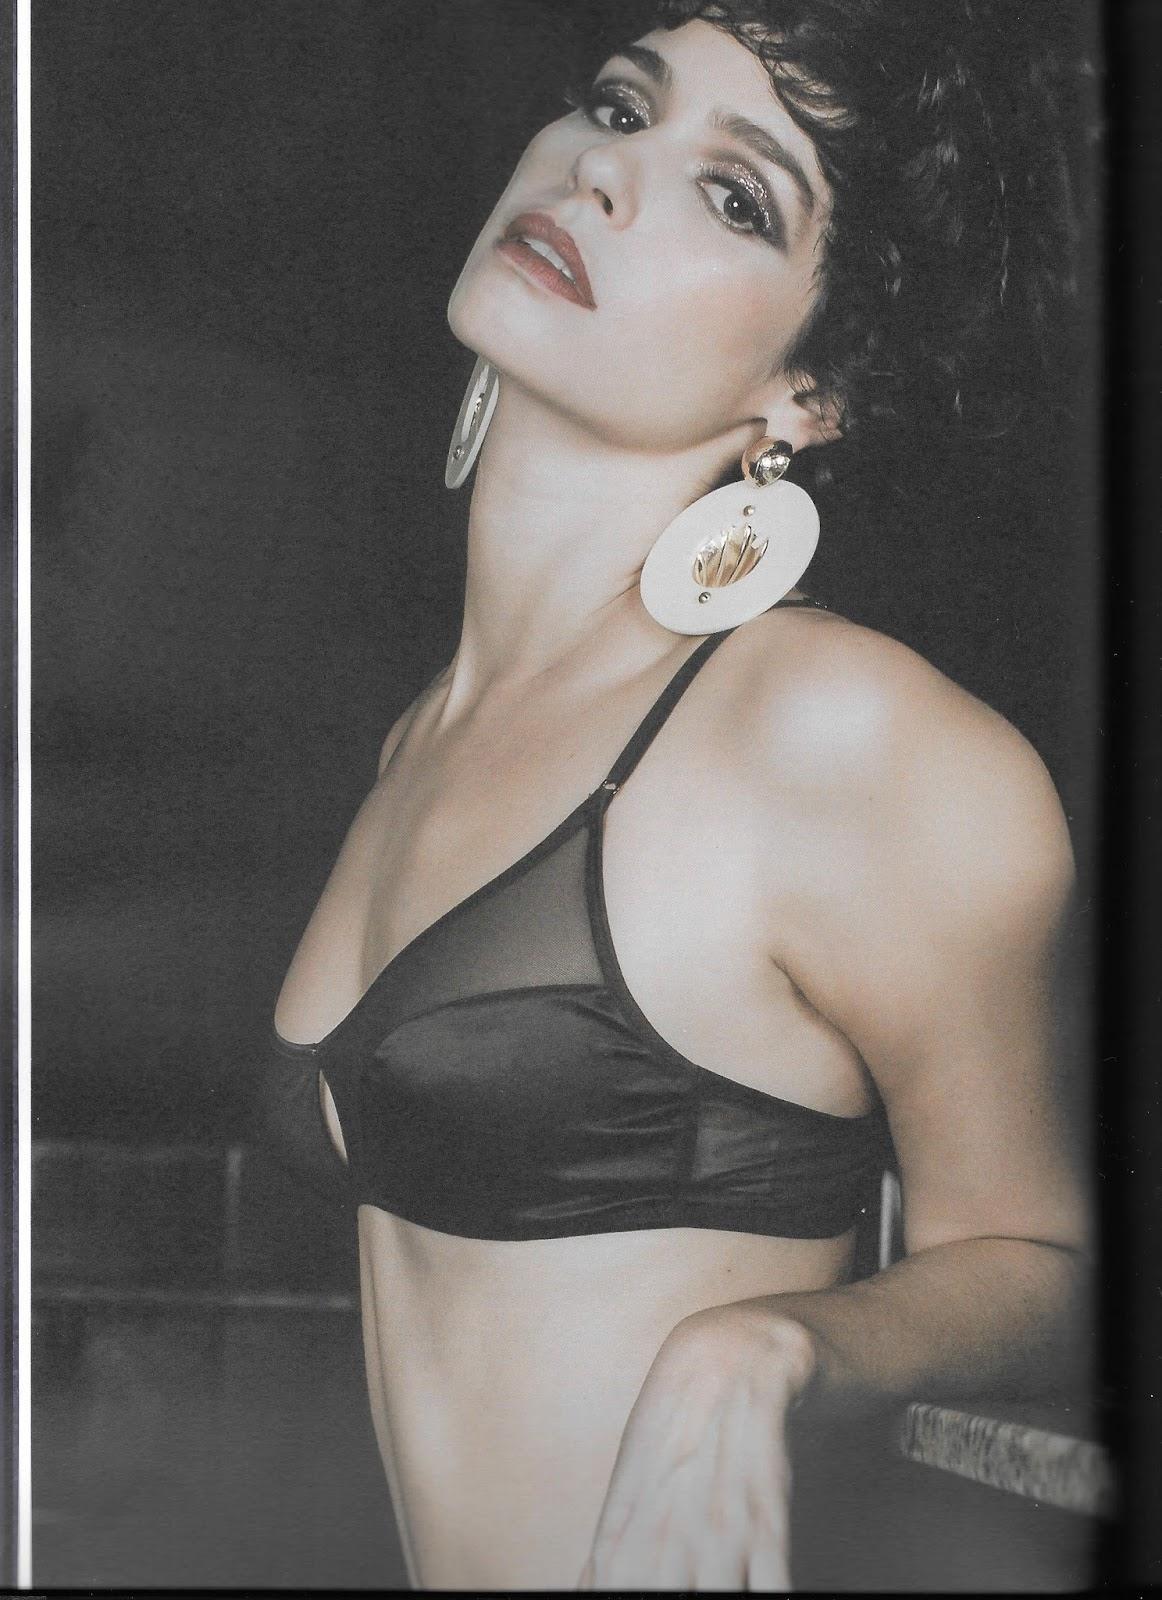 Maria Flor nua na Revista #3 oloxa maria5